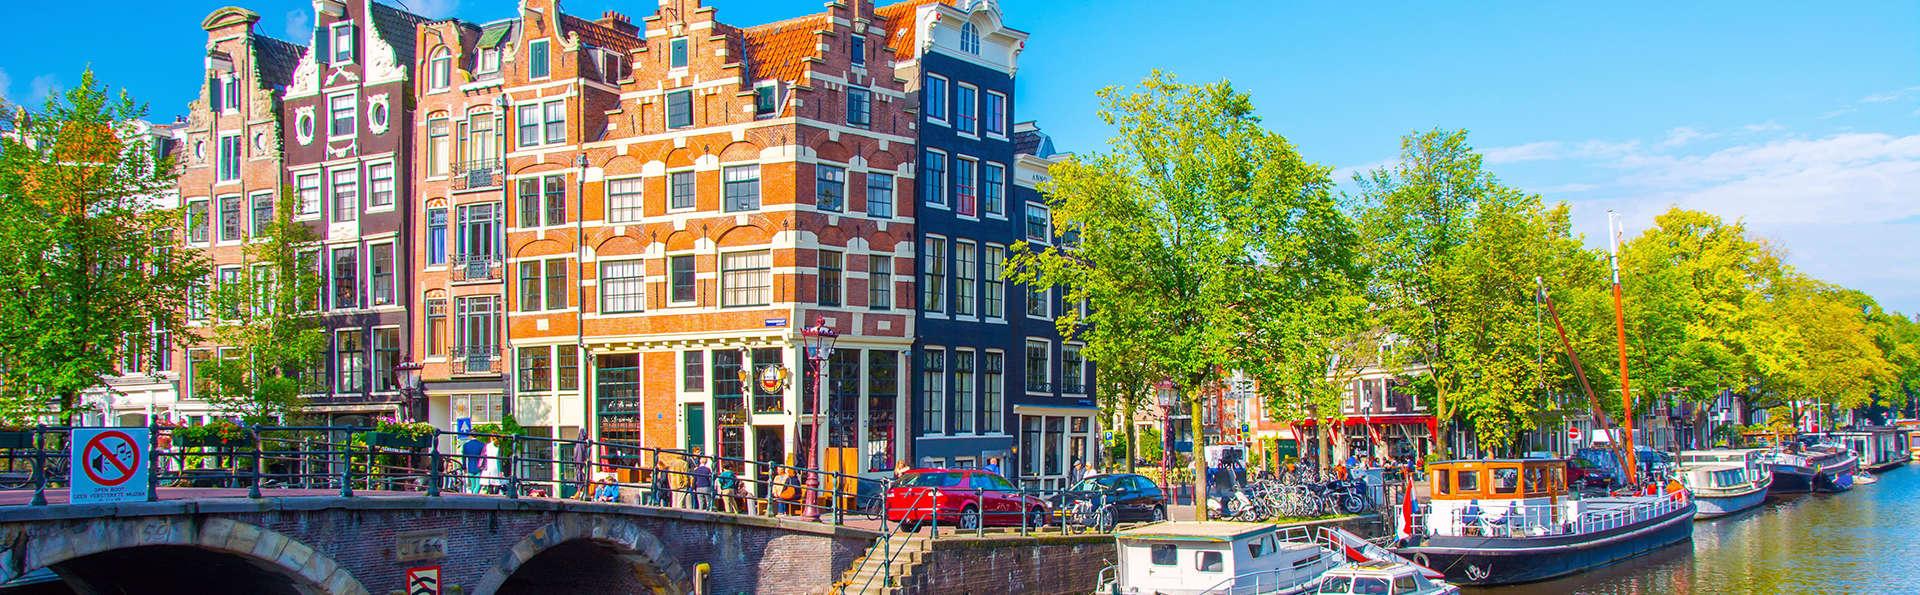 Confort moderno en una ciudad rica en historia, Ámsterdam